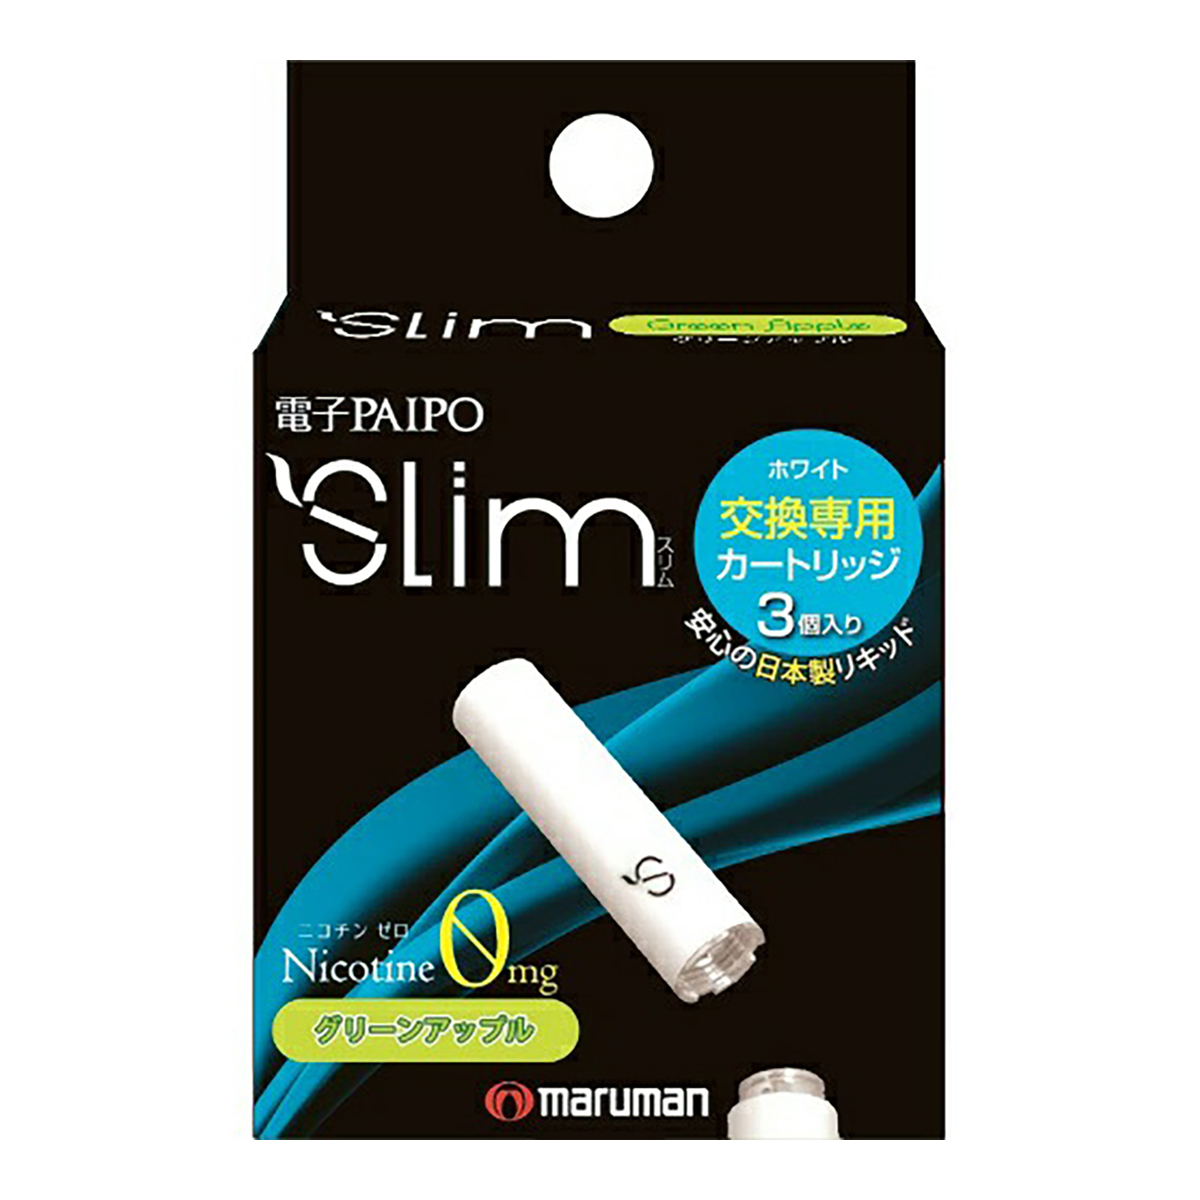 【送料無料・まとめ買い×240】マルマン 電子パイポ Slim 替 ホワイト・グリーンアップル 3個入×240点セット(4957669867597)